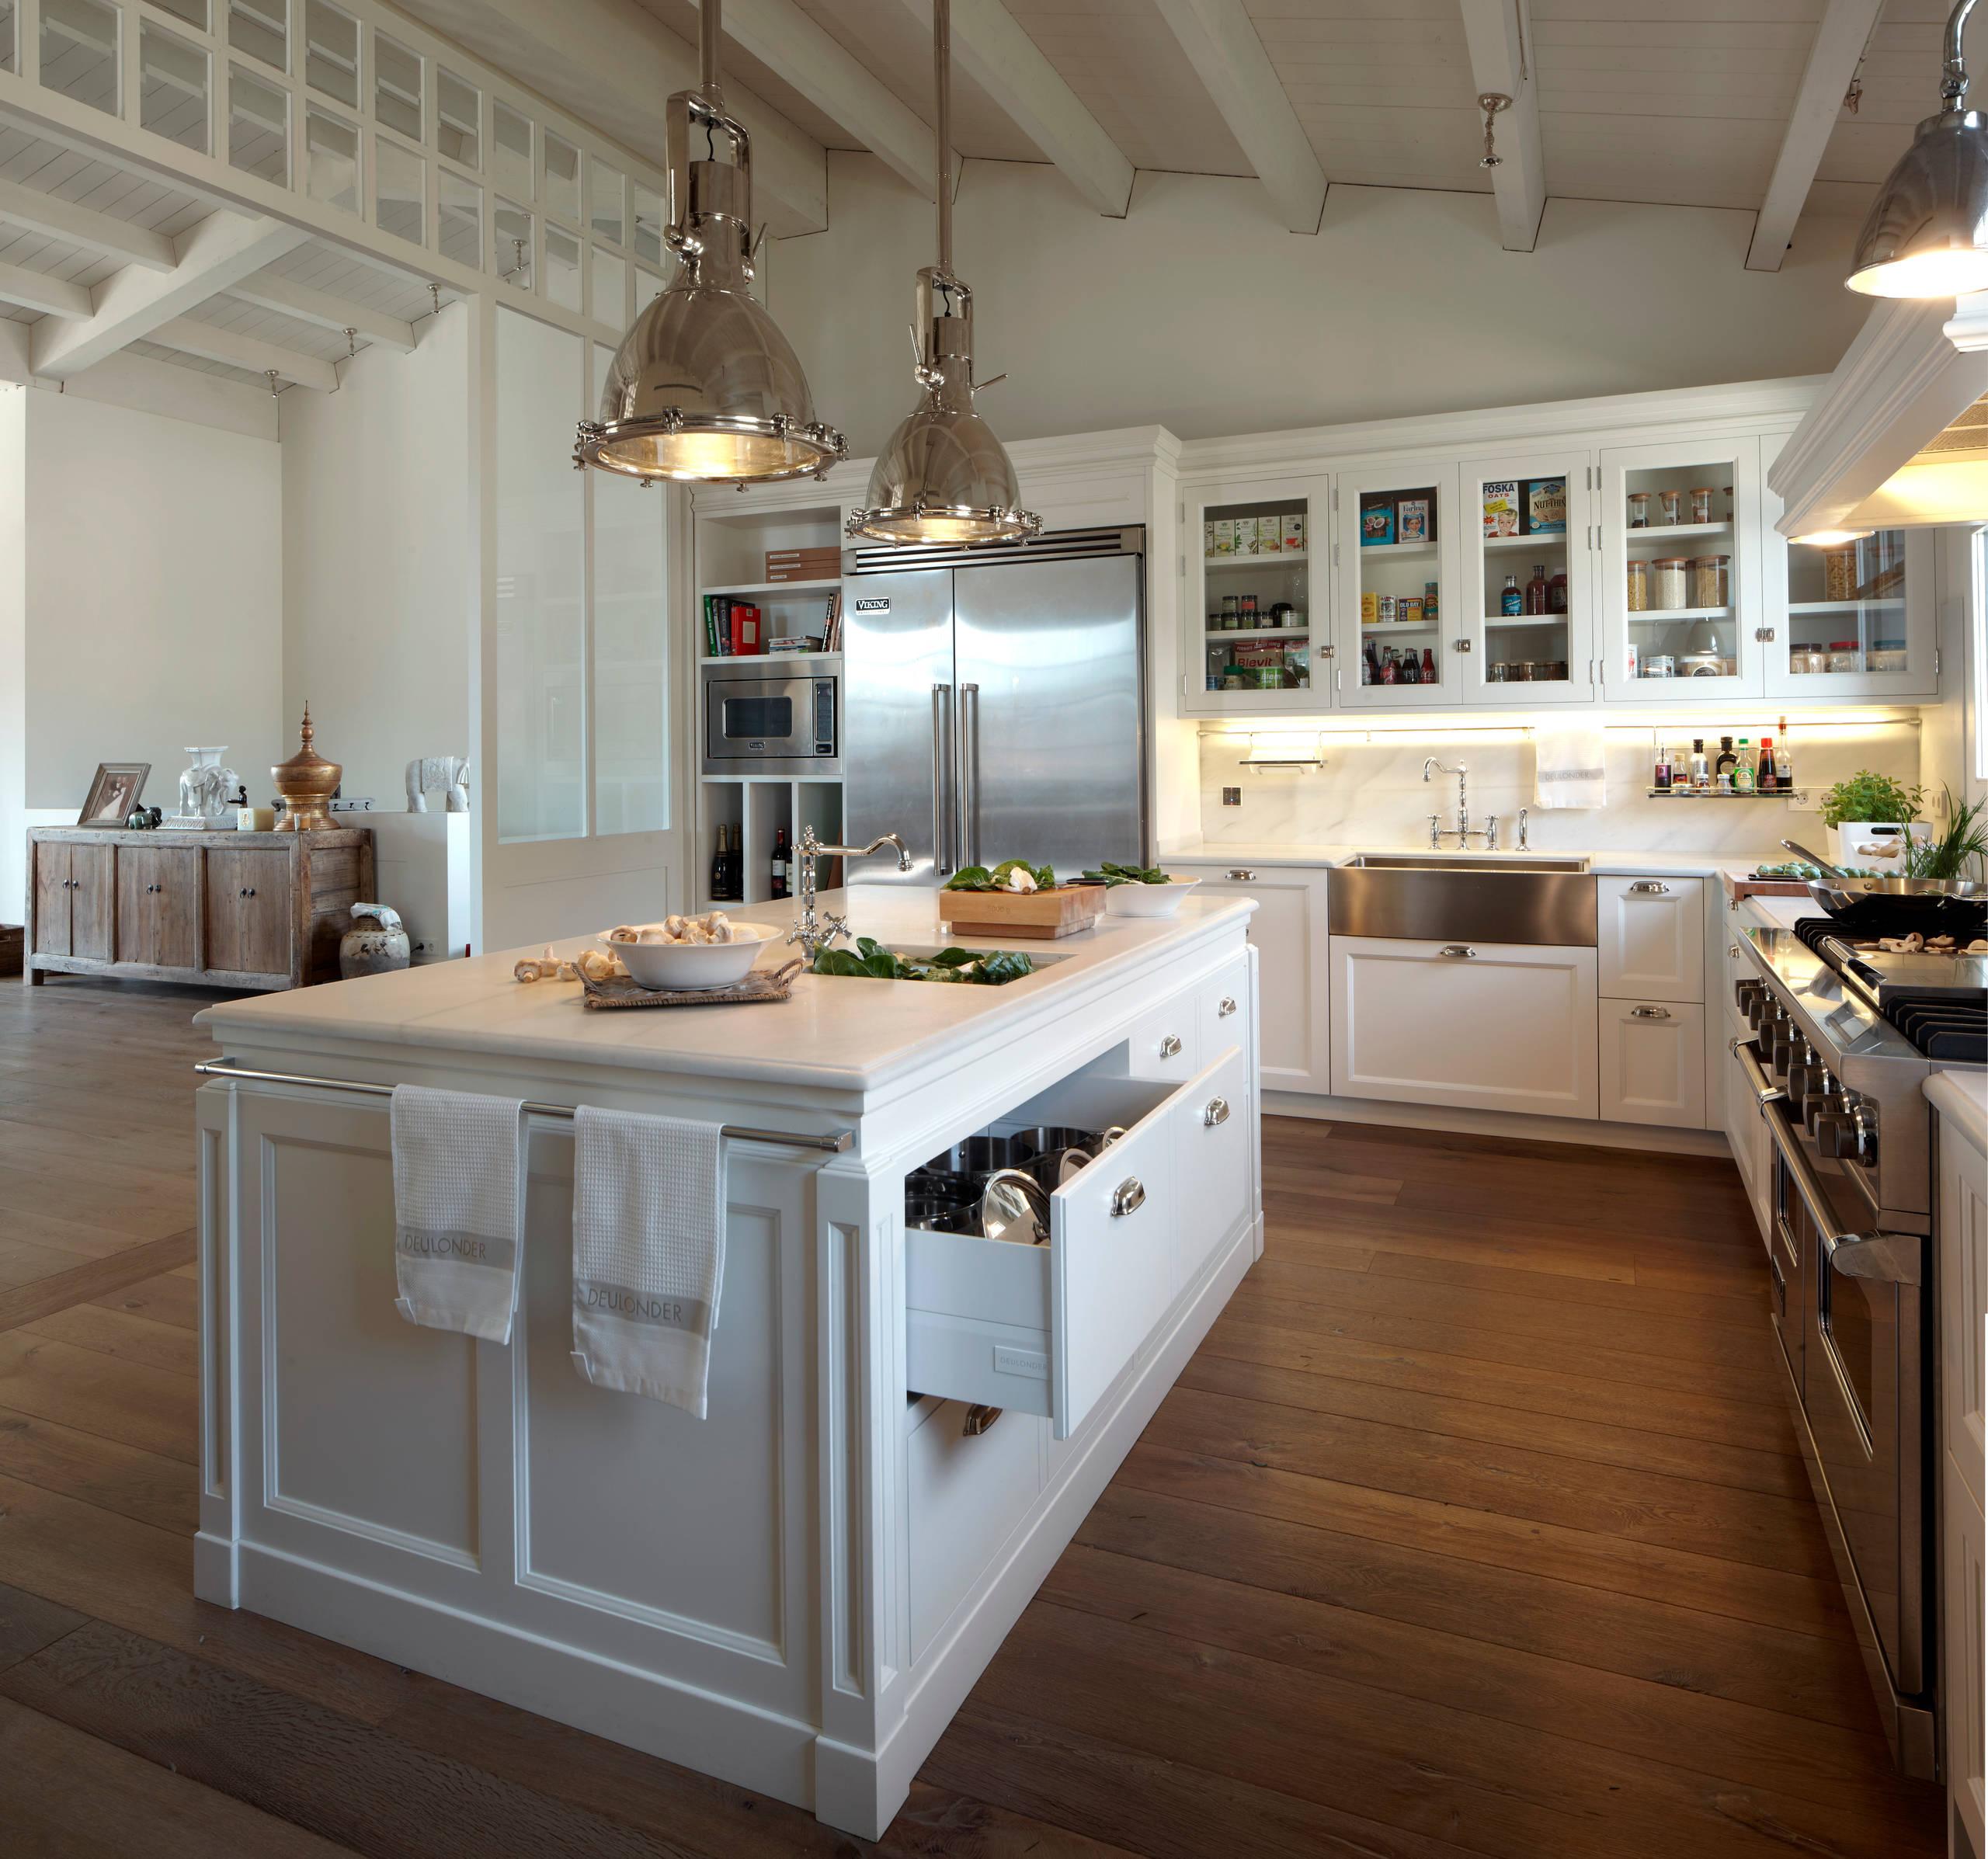 Fotos De Cocinas Americanas | Ideas Para Cocinas Americanas Blog De Muebles Y Decoracion